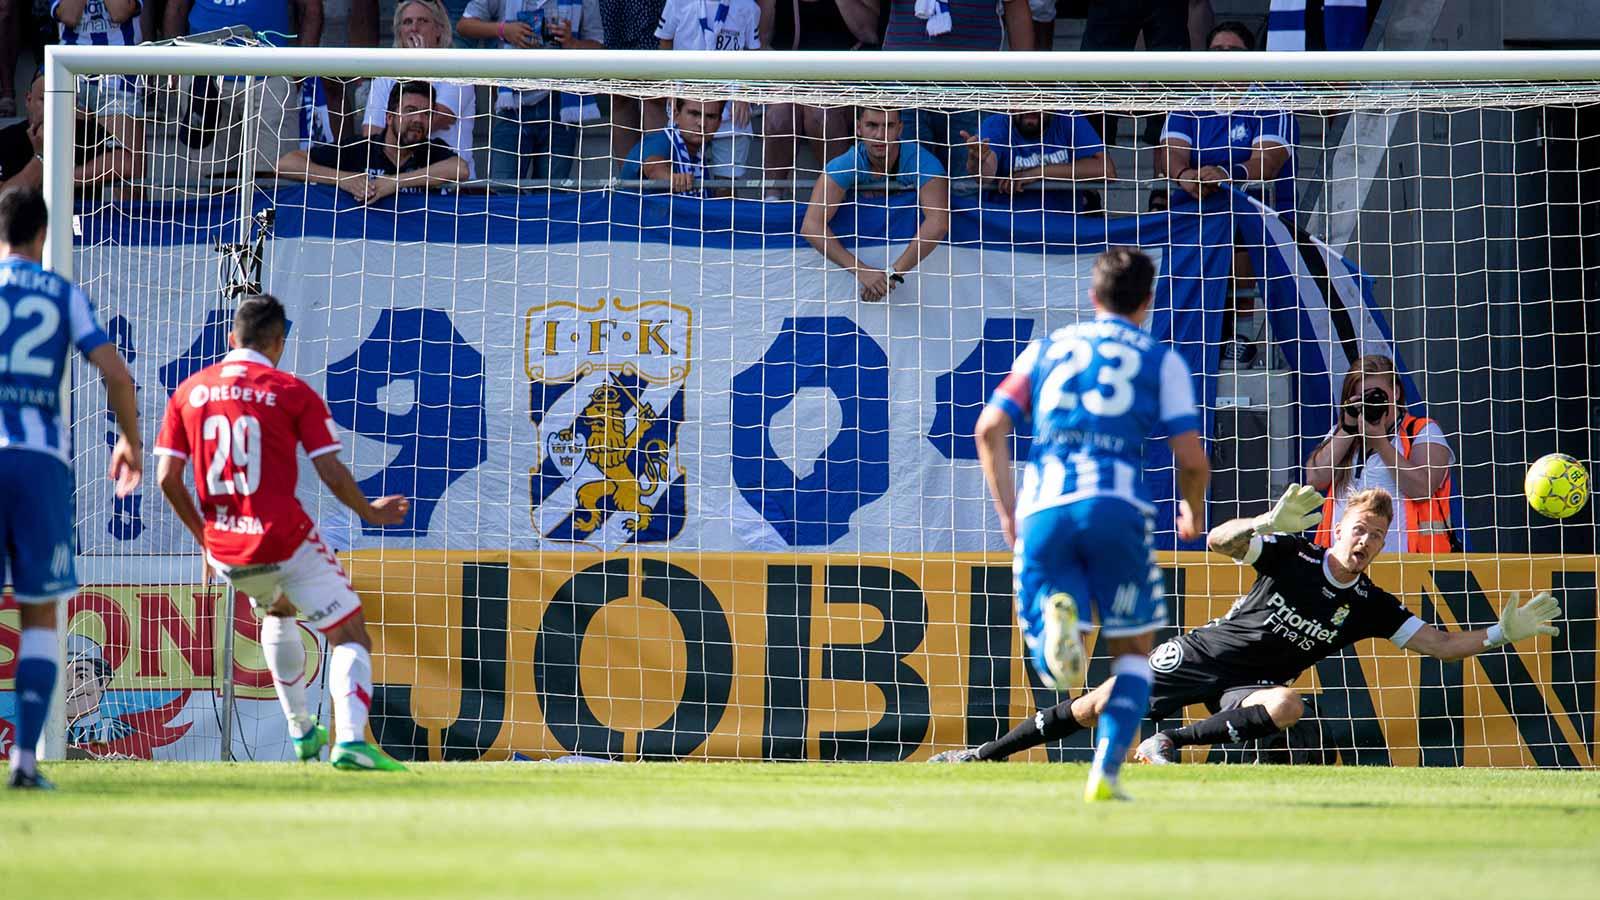 180804 Kalmars Romário Pereira Sipião gör 1-0 på straff under fotbollsmatchen i Allsvenskan mellan Kalmar och IFK Göteborg den 4 augusti 2018 i Kalmar.